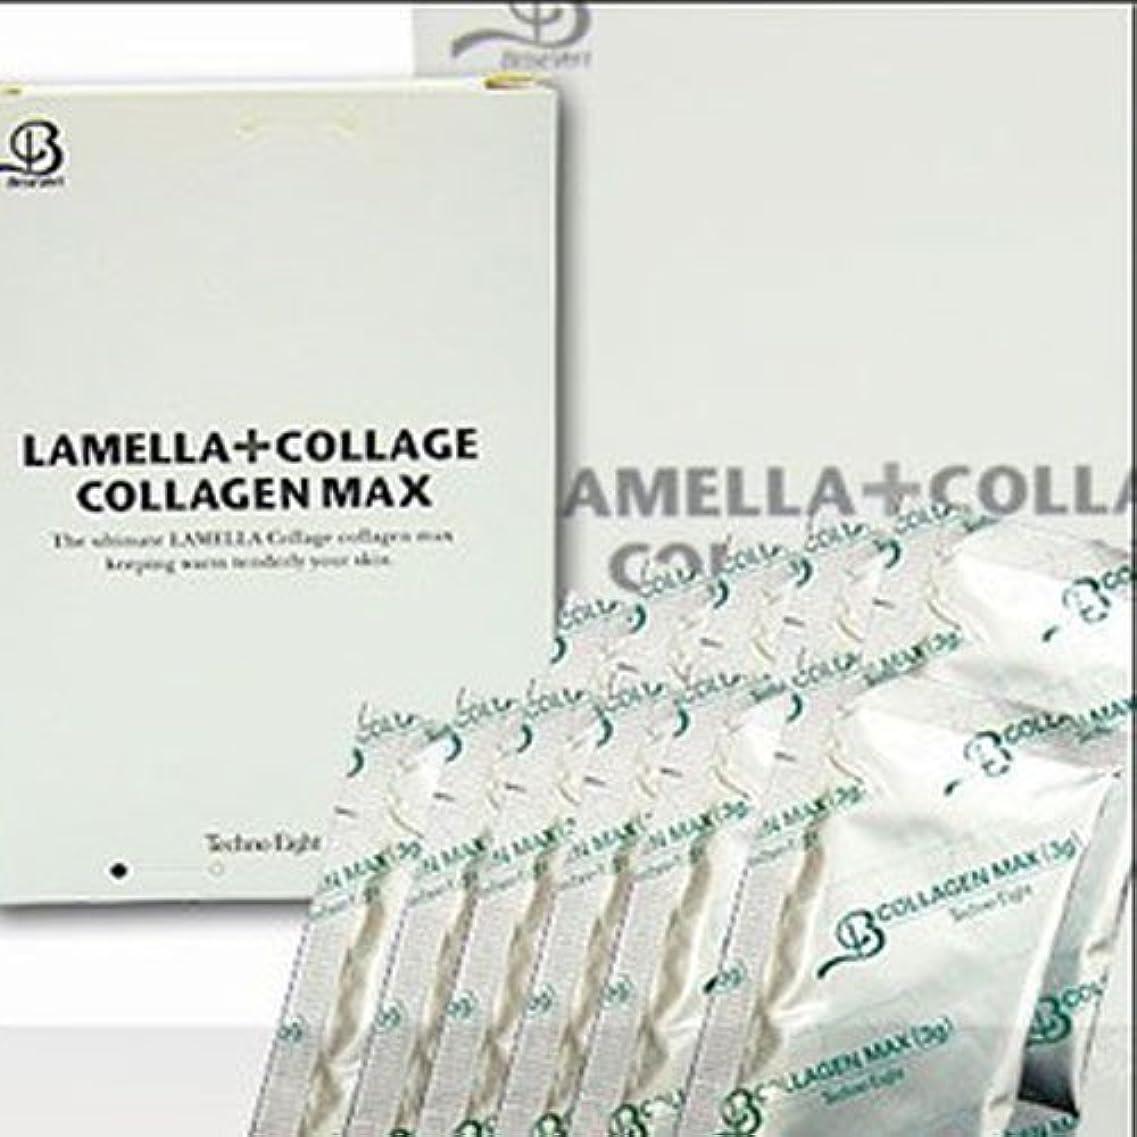 コンプリート絶滅したしかしながらテクノエイト ブリーズベール ラメラ コラージュ Collagen MAX 30g (3gX10包) コラーゲンマックス